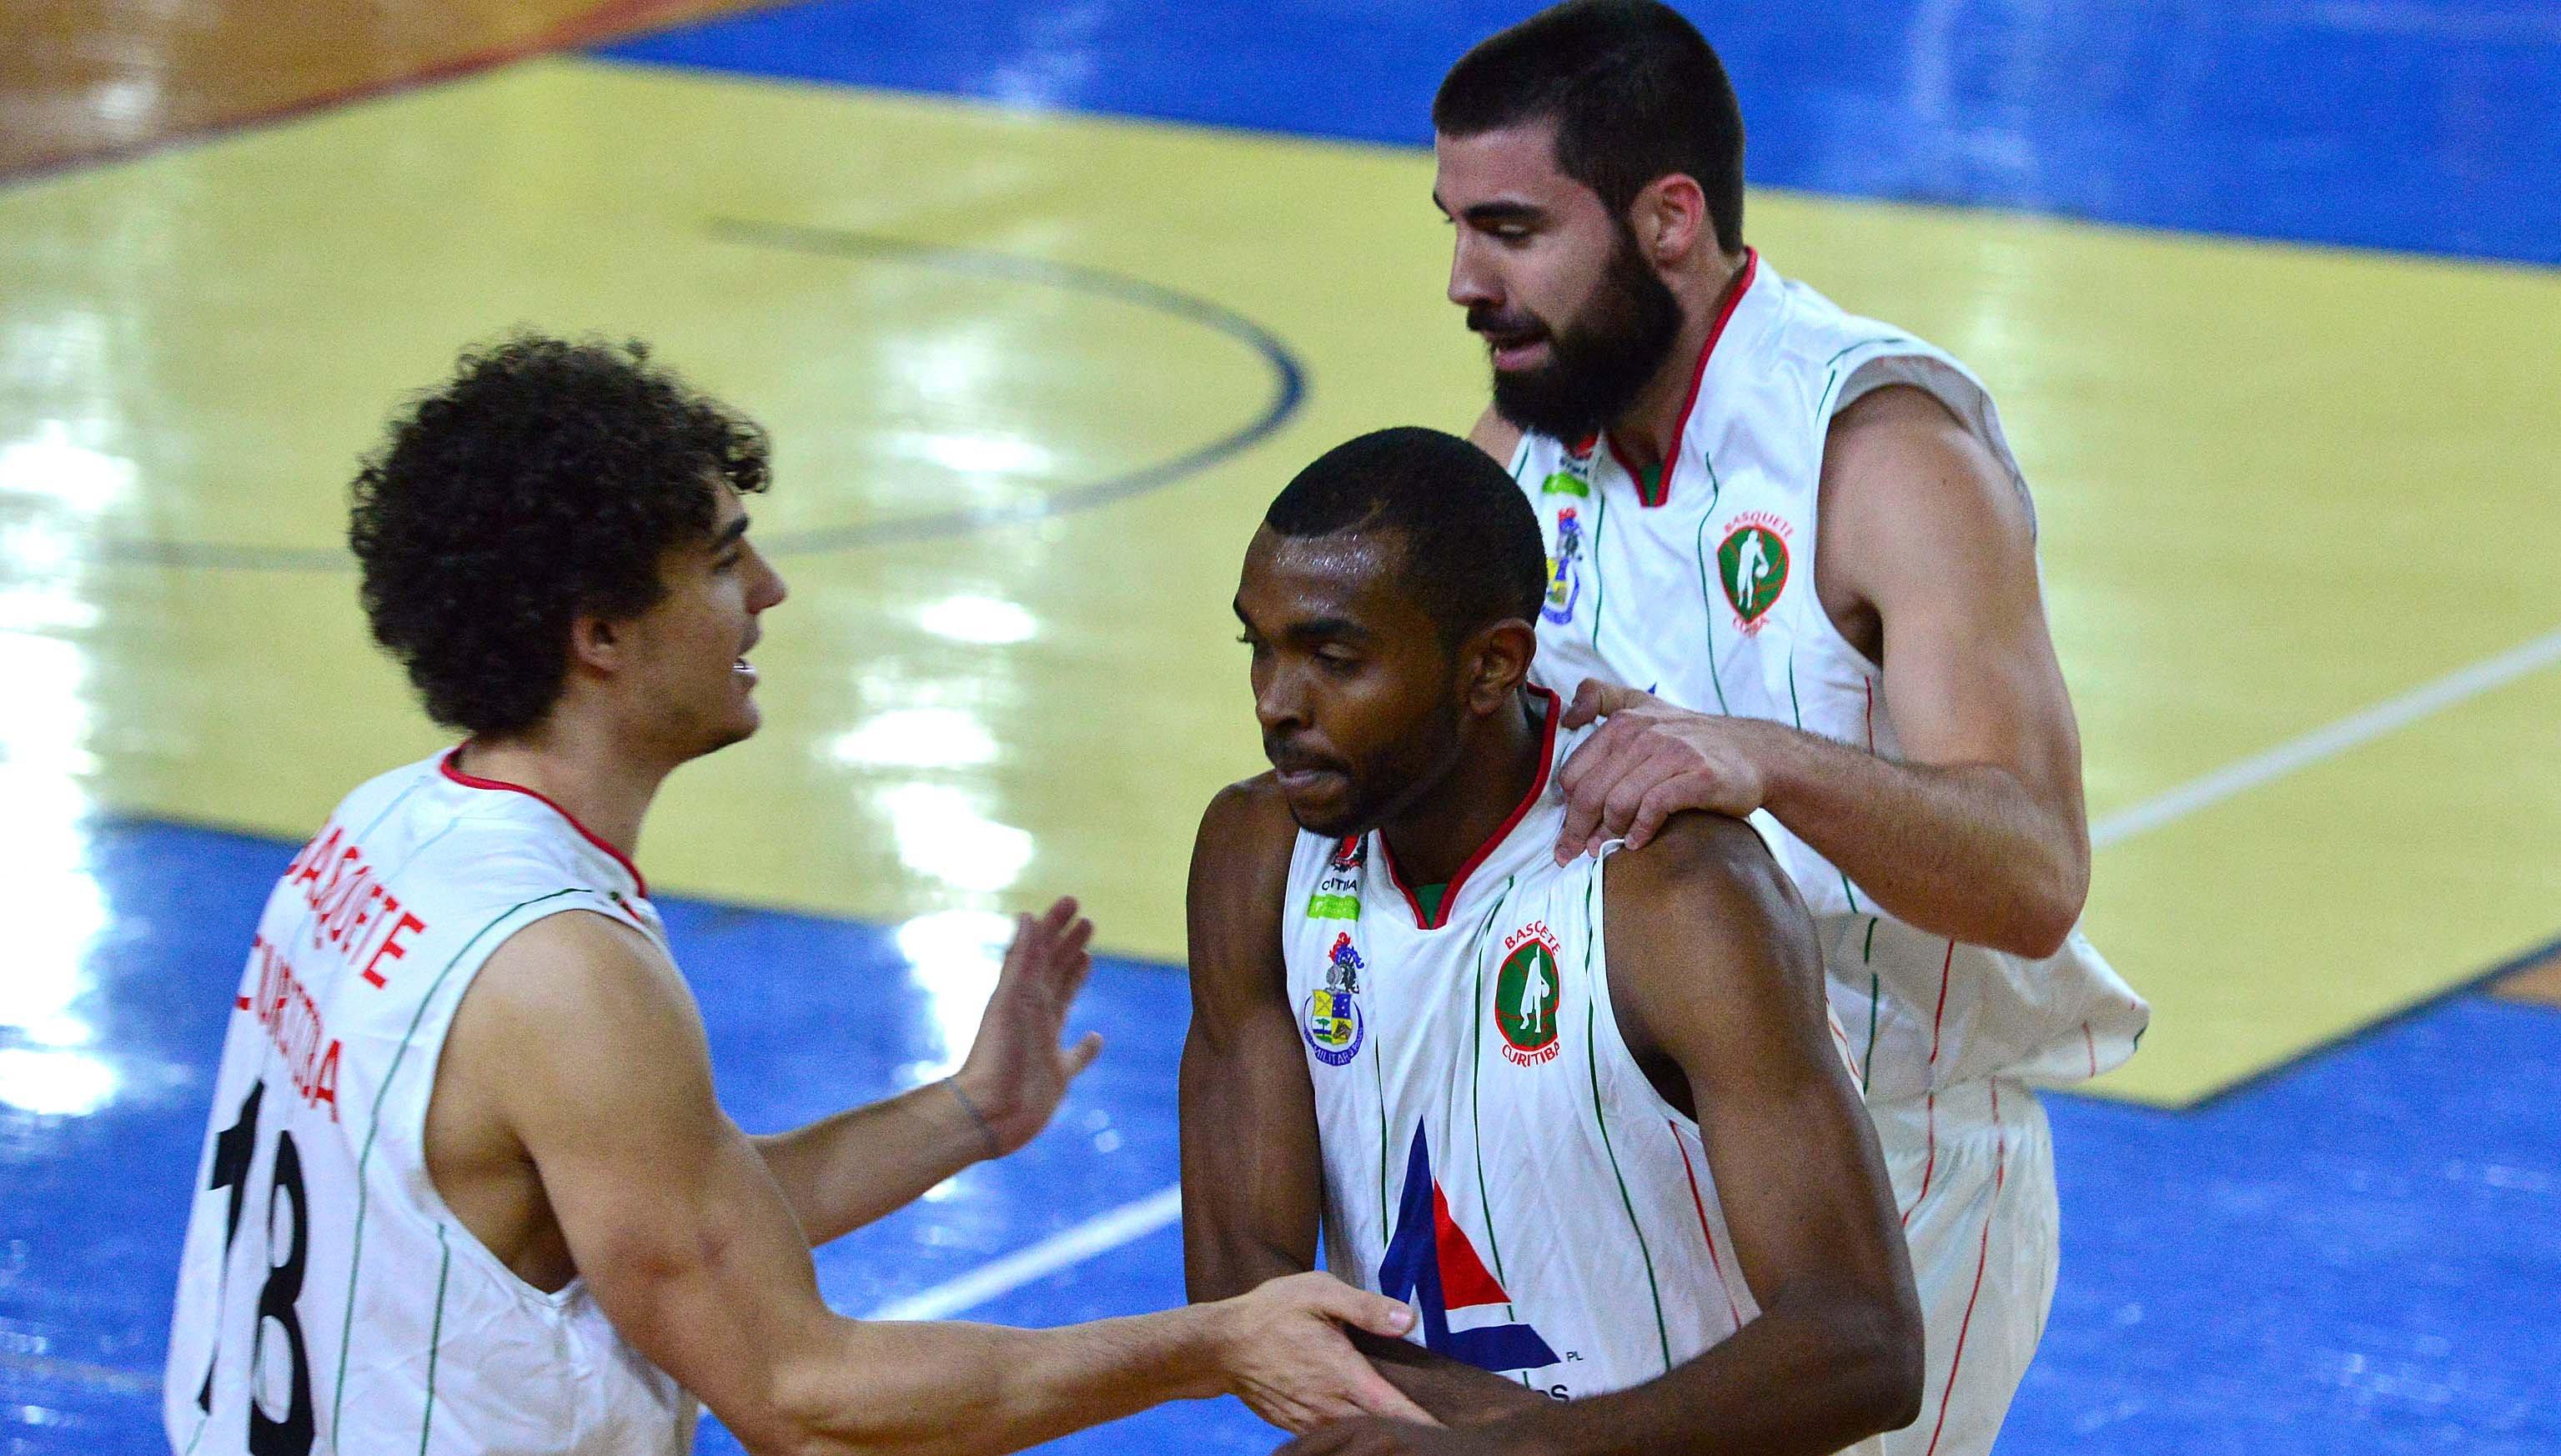 Basquete Curitiba venceu o último quarto por 35 a 21 e virou pra cima do então invicto Pequeninos Rhema (João Pires/LNB)